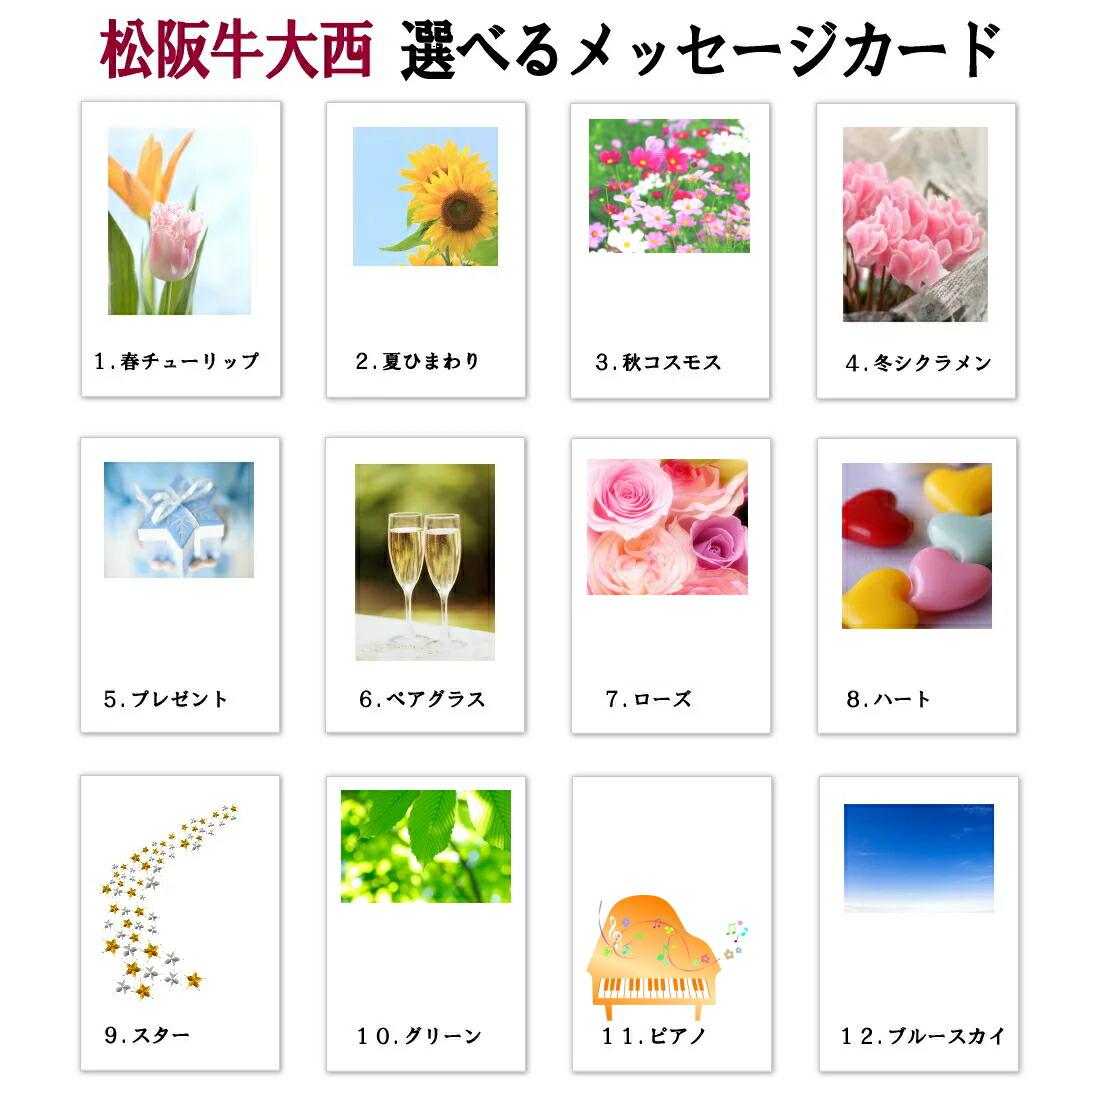 ご希望のカードデザインをご指定下さい。